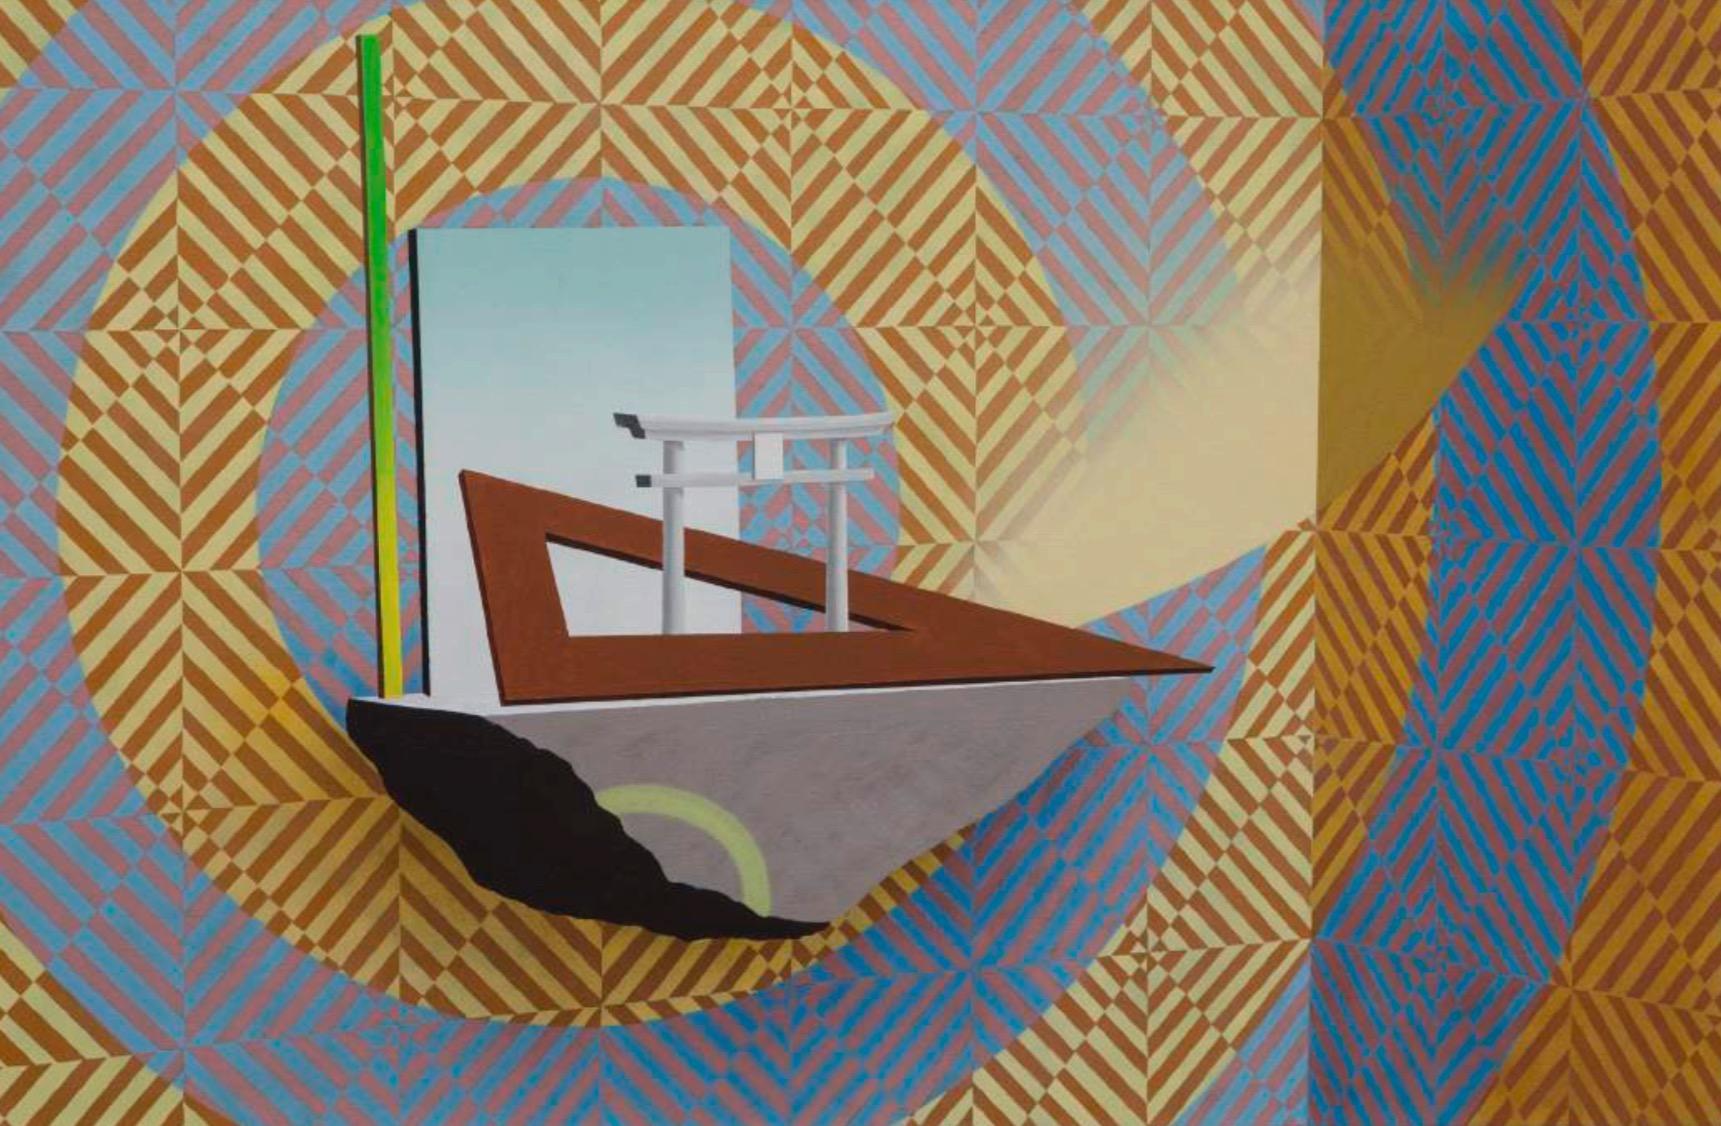 [EXPO] 26.05 au 01.07 – Sépànd Danesh – Fragments d'un voyage immobile – Galerie Art-Cade Marseille